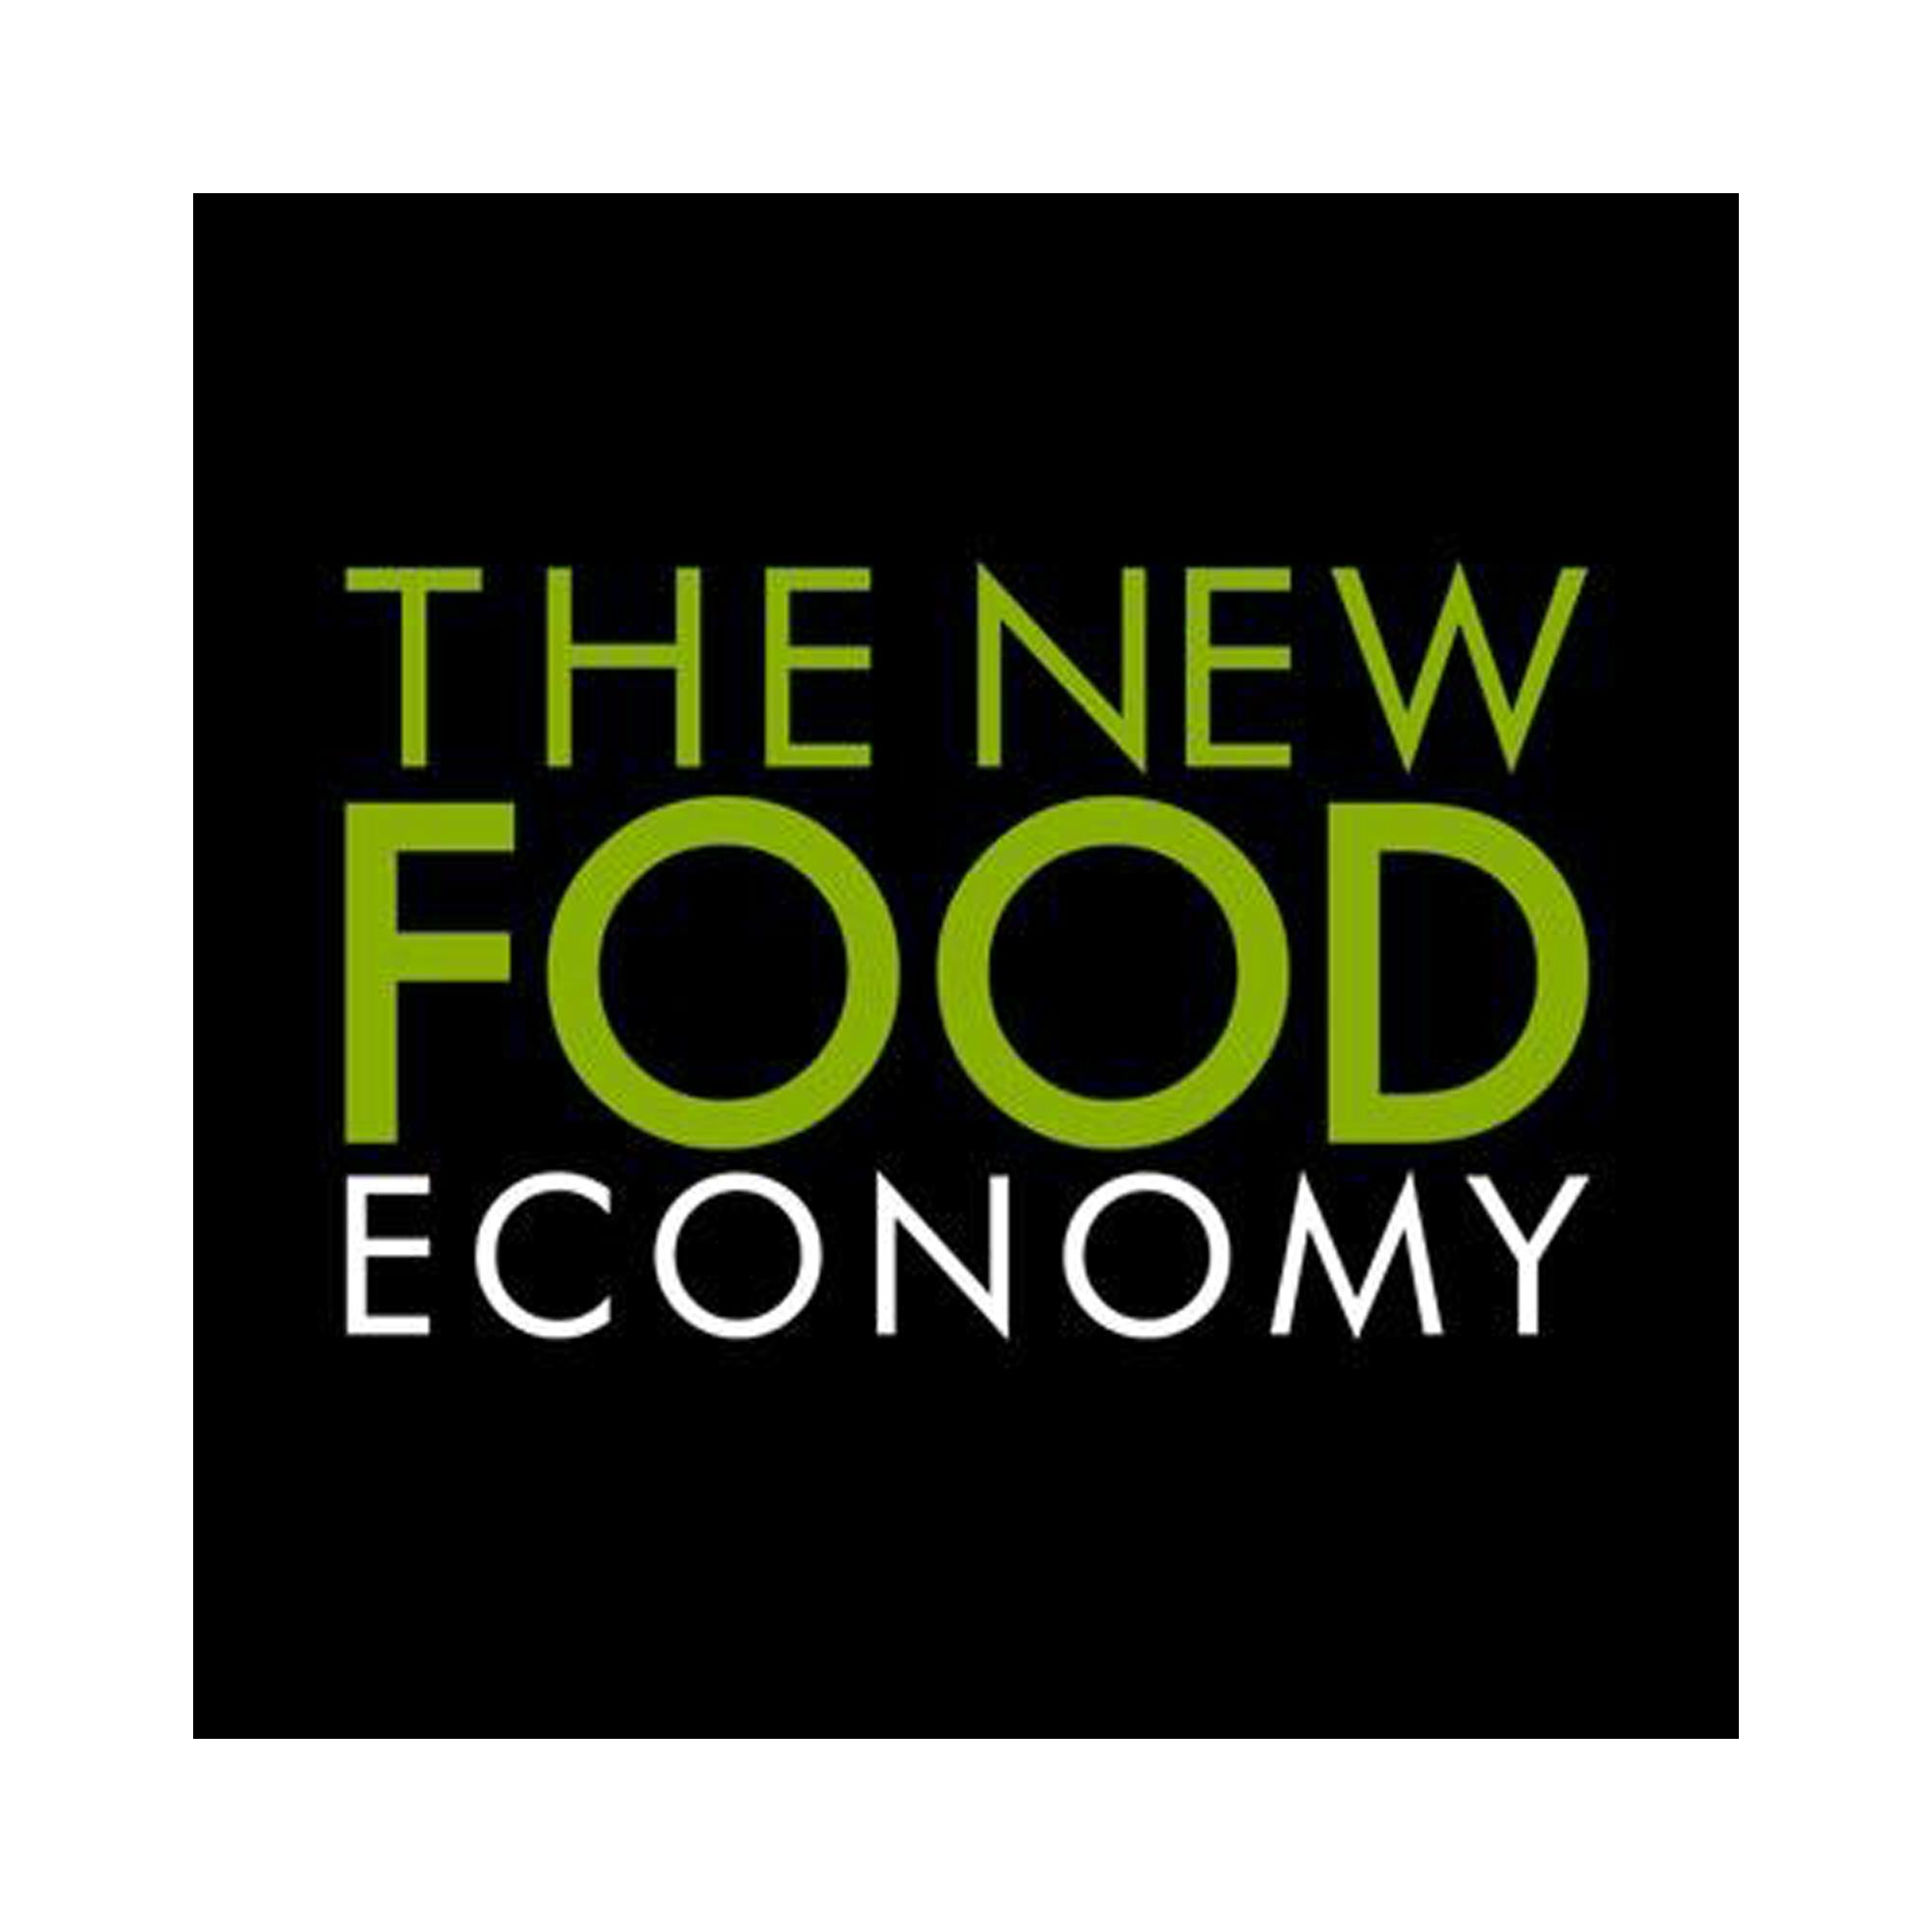 New Food Economy.jpg